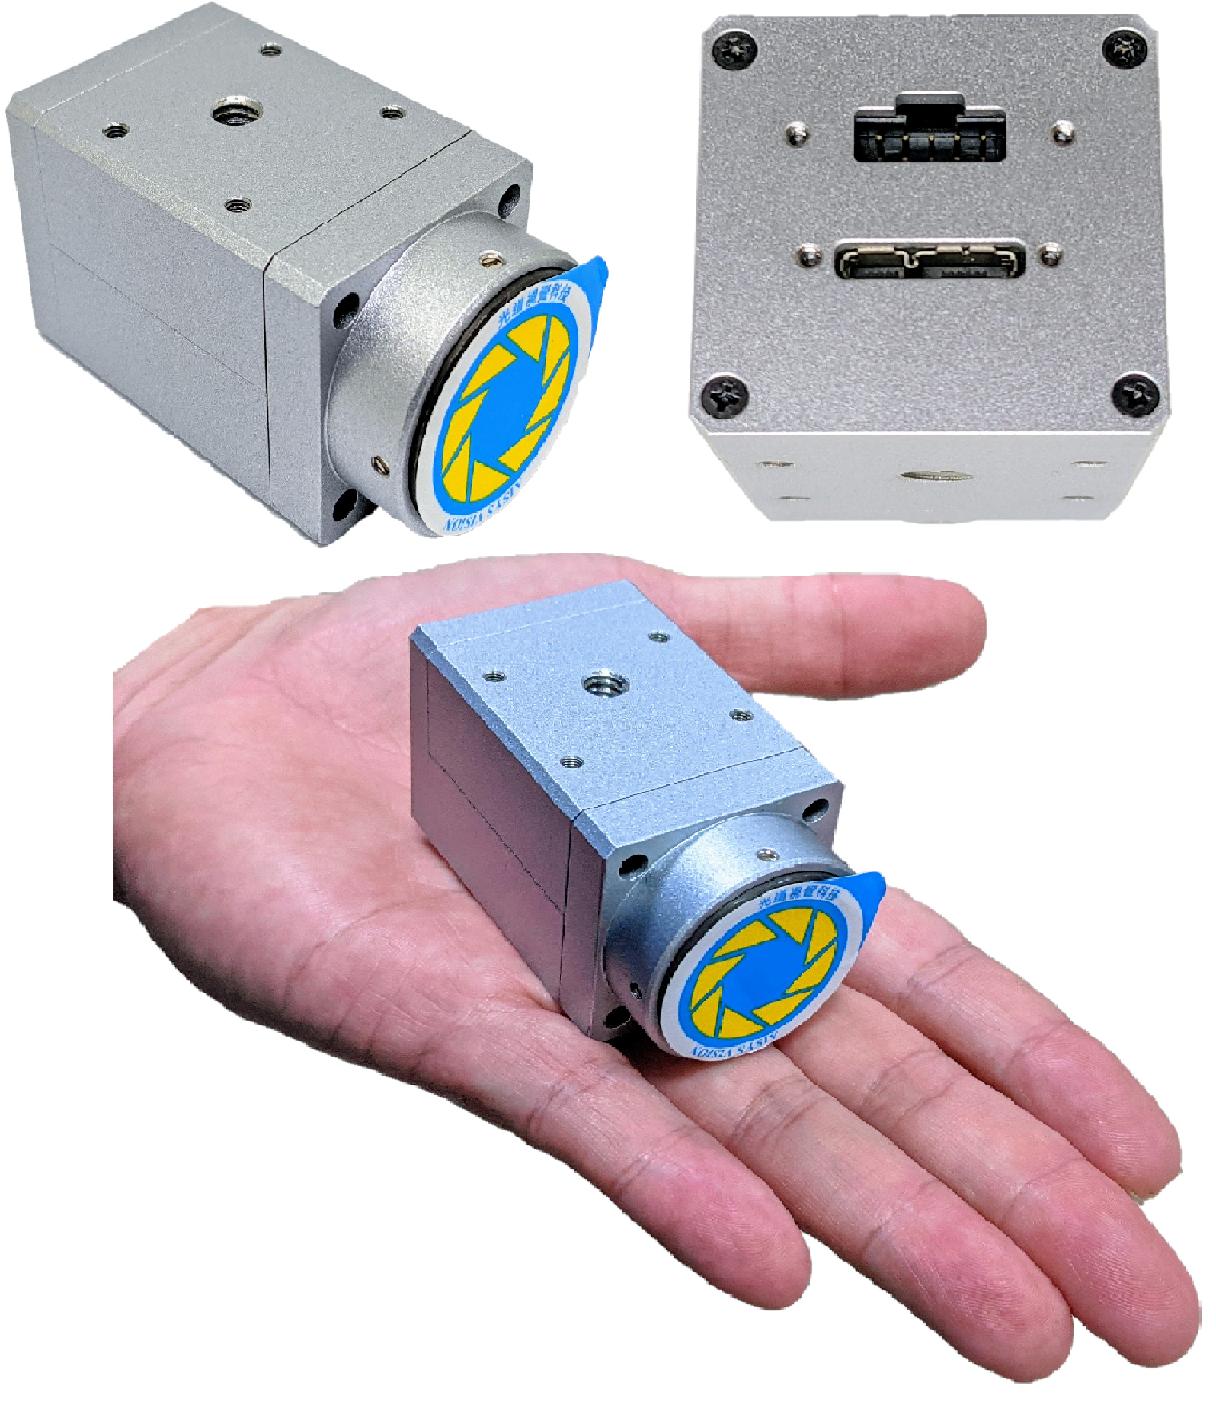 CYCLOPS SU220F-152攝影機-2.2M像素、非同步式、灰階、內建LED燈源控制器